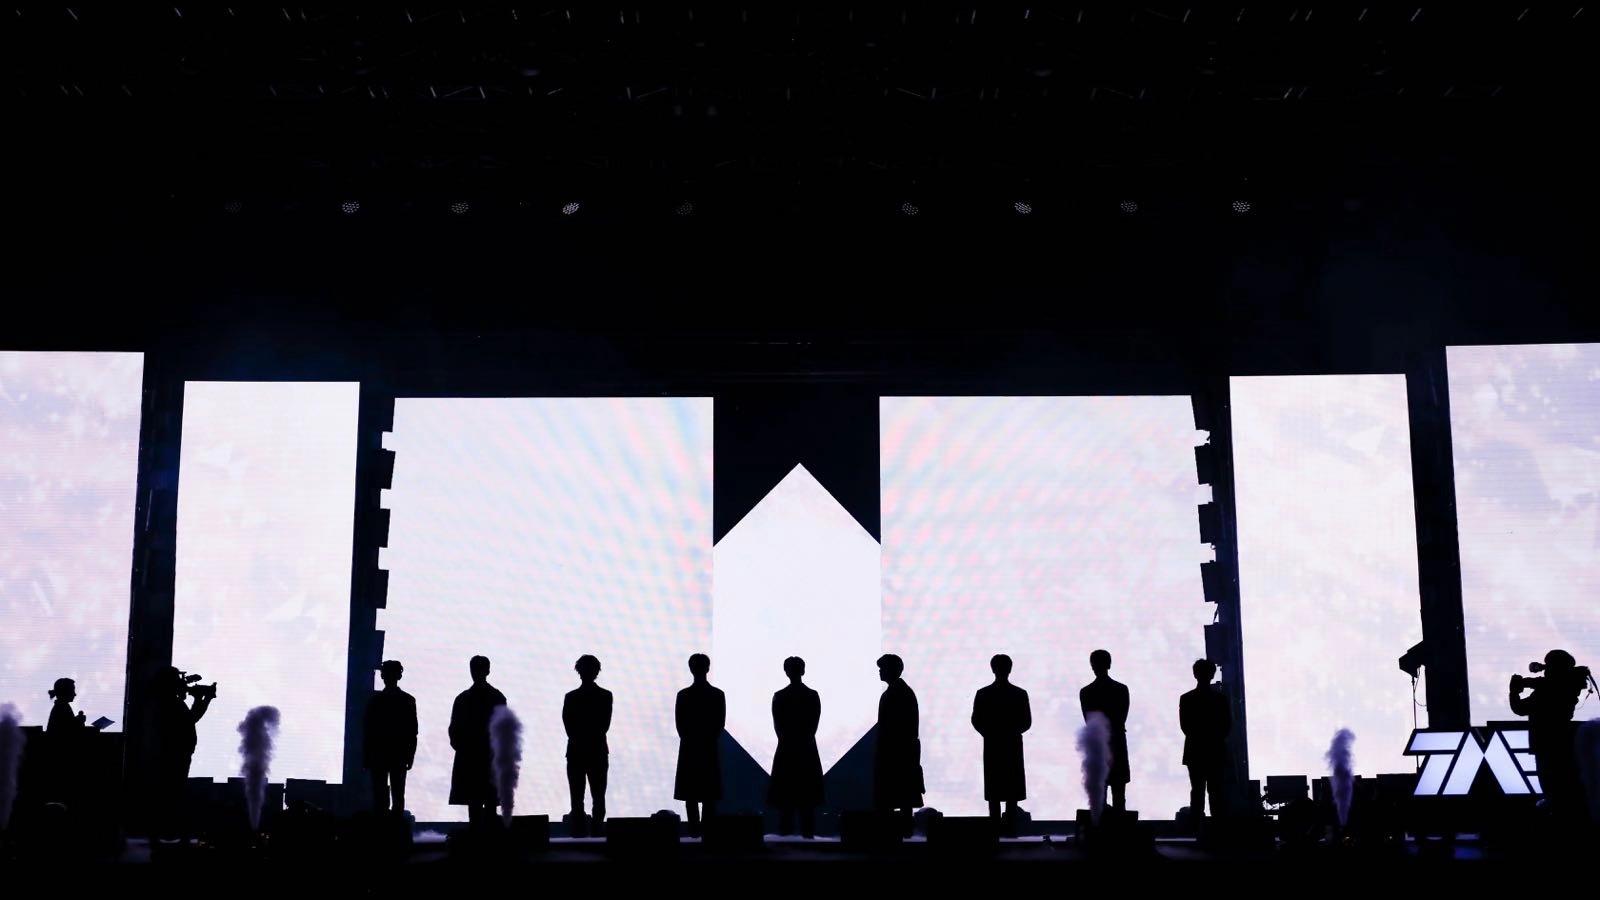 快乐大本营何炅的qq_NINEPERCENT首专发布会北京举行 新歌舞台首秀_娱乐_环球网